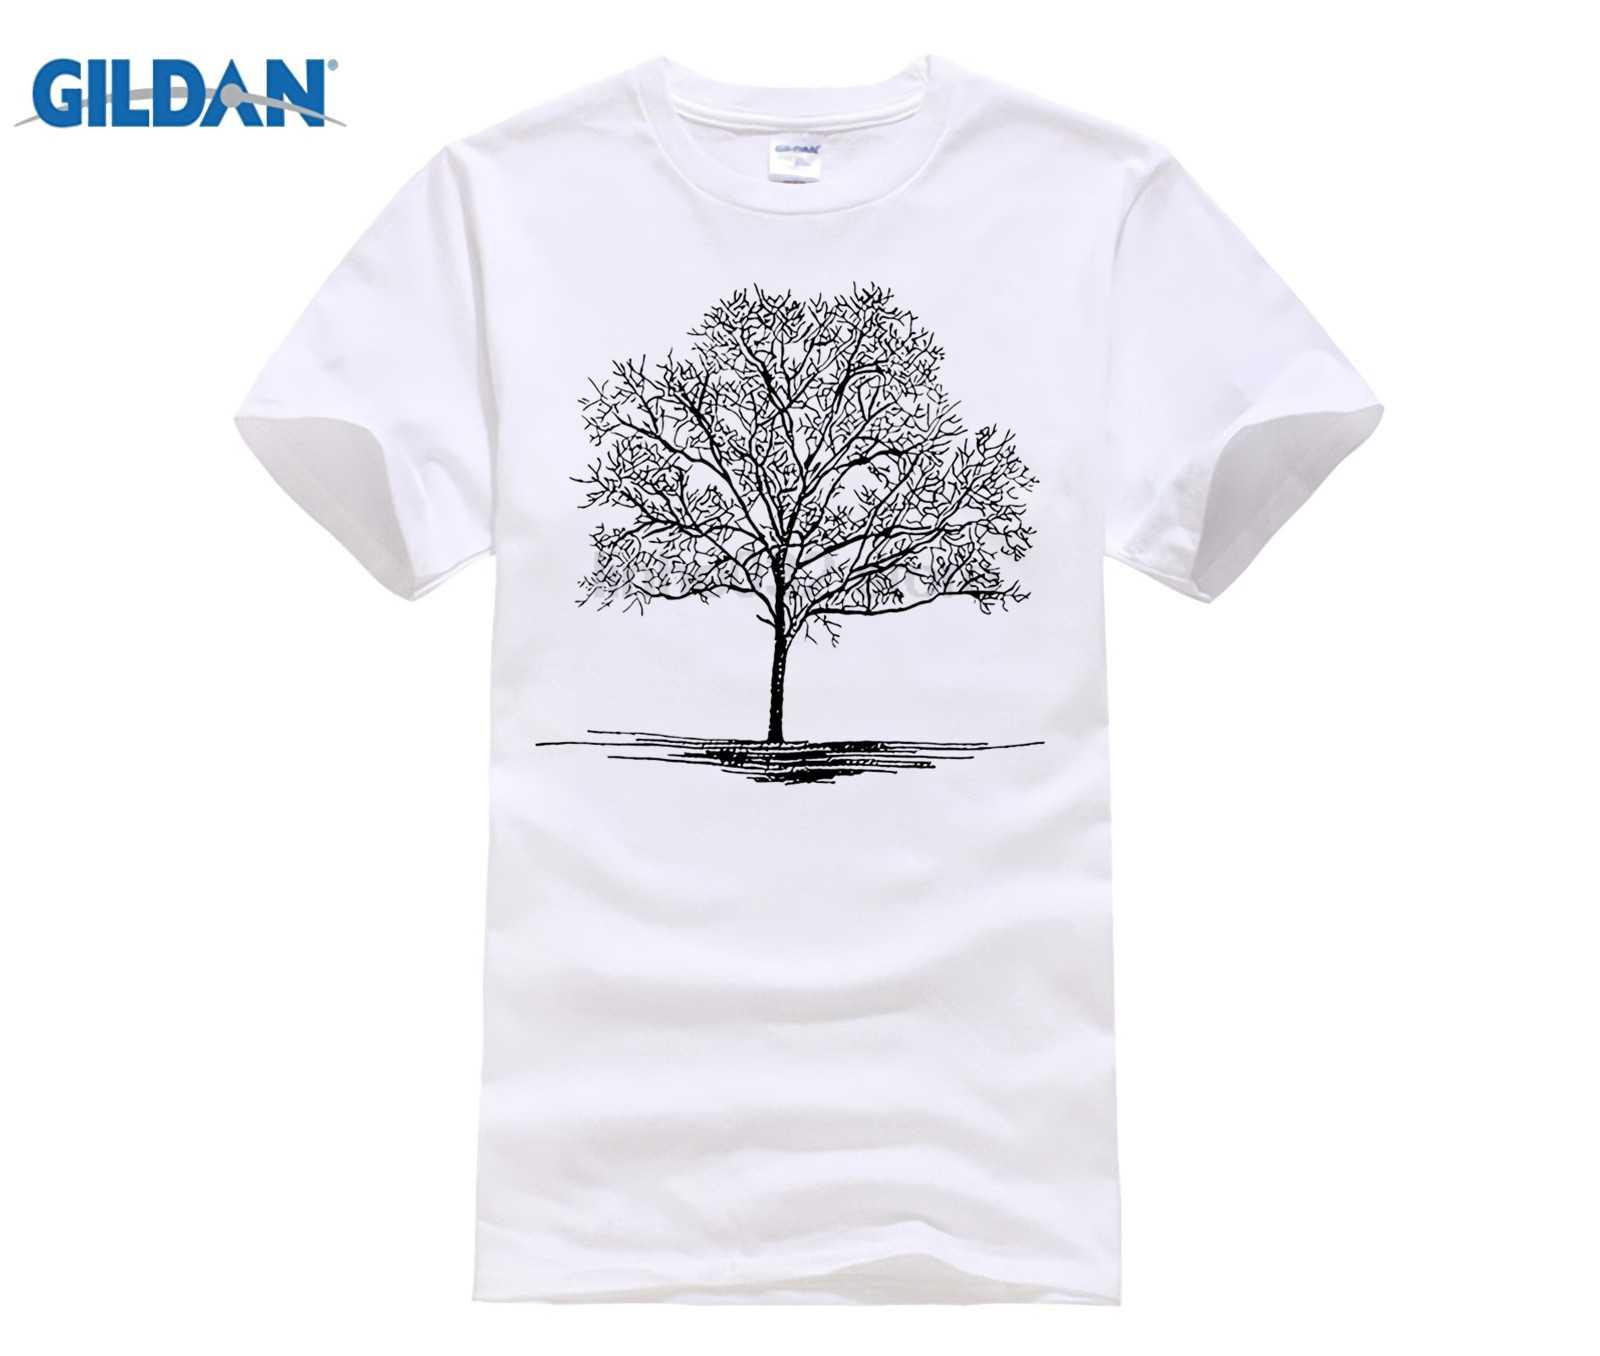 2018 летняя новая белая футболка Мужская льняная вышивка круглый вырез  Футболка мужская повседневная модная мужская брендовая d3912b79ce50e